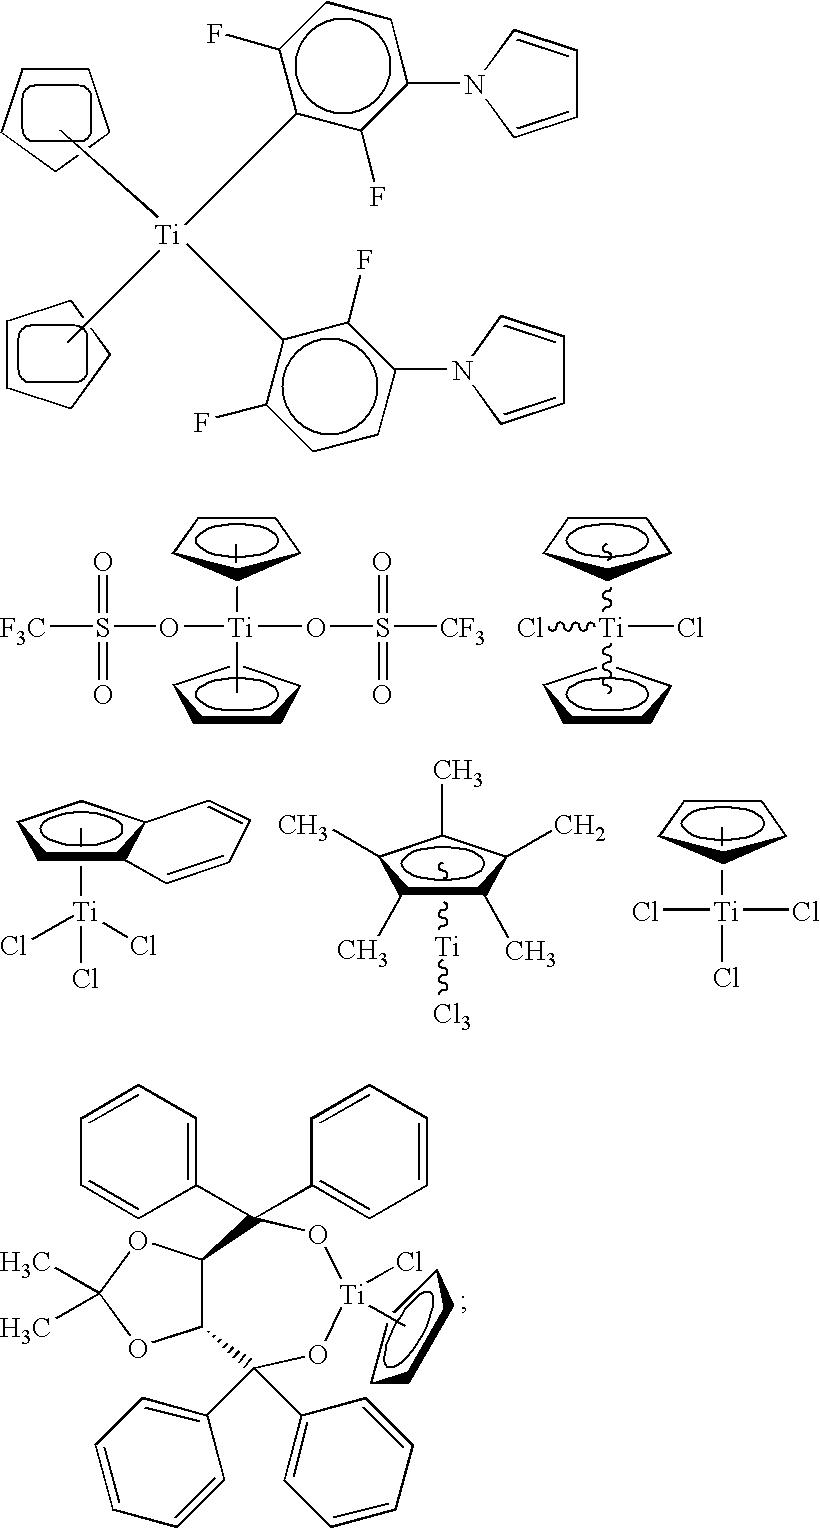 Figure US20090246657A1-20091001-C00005